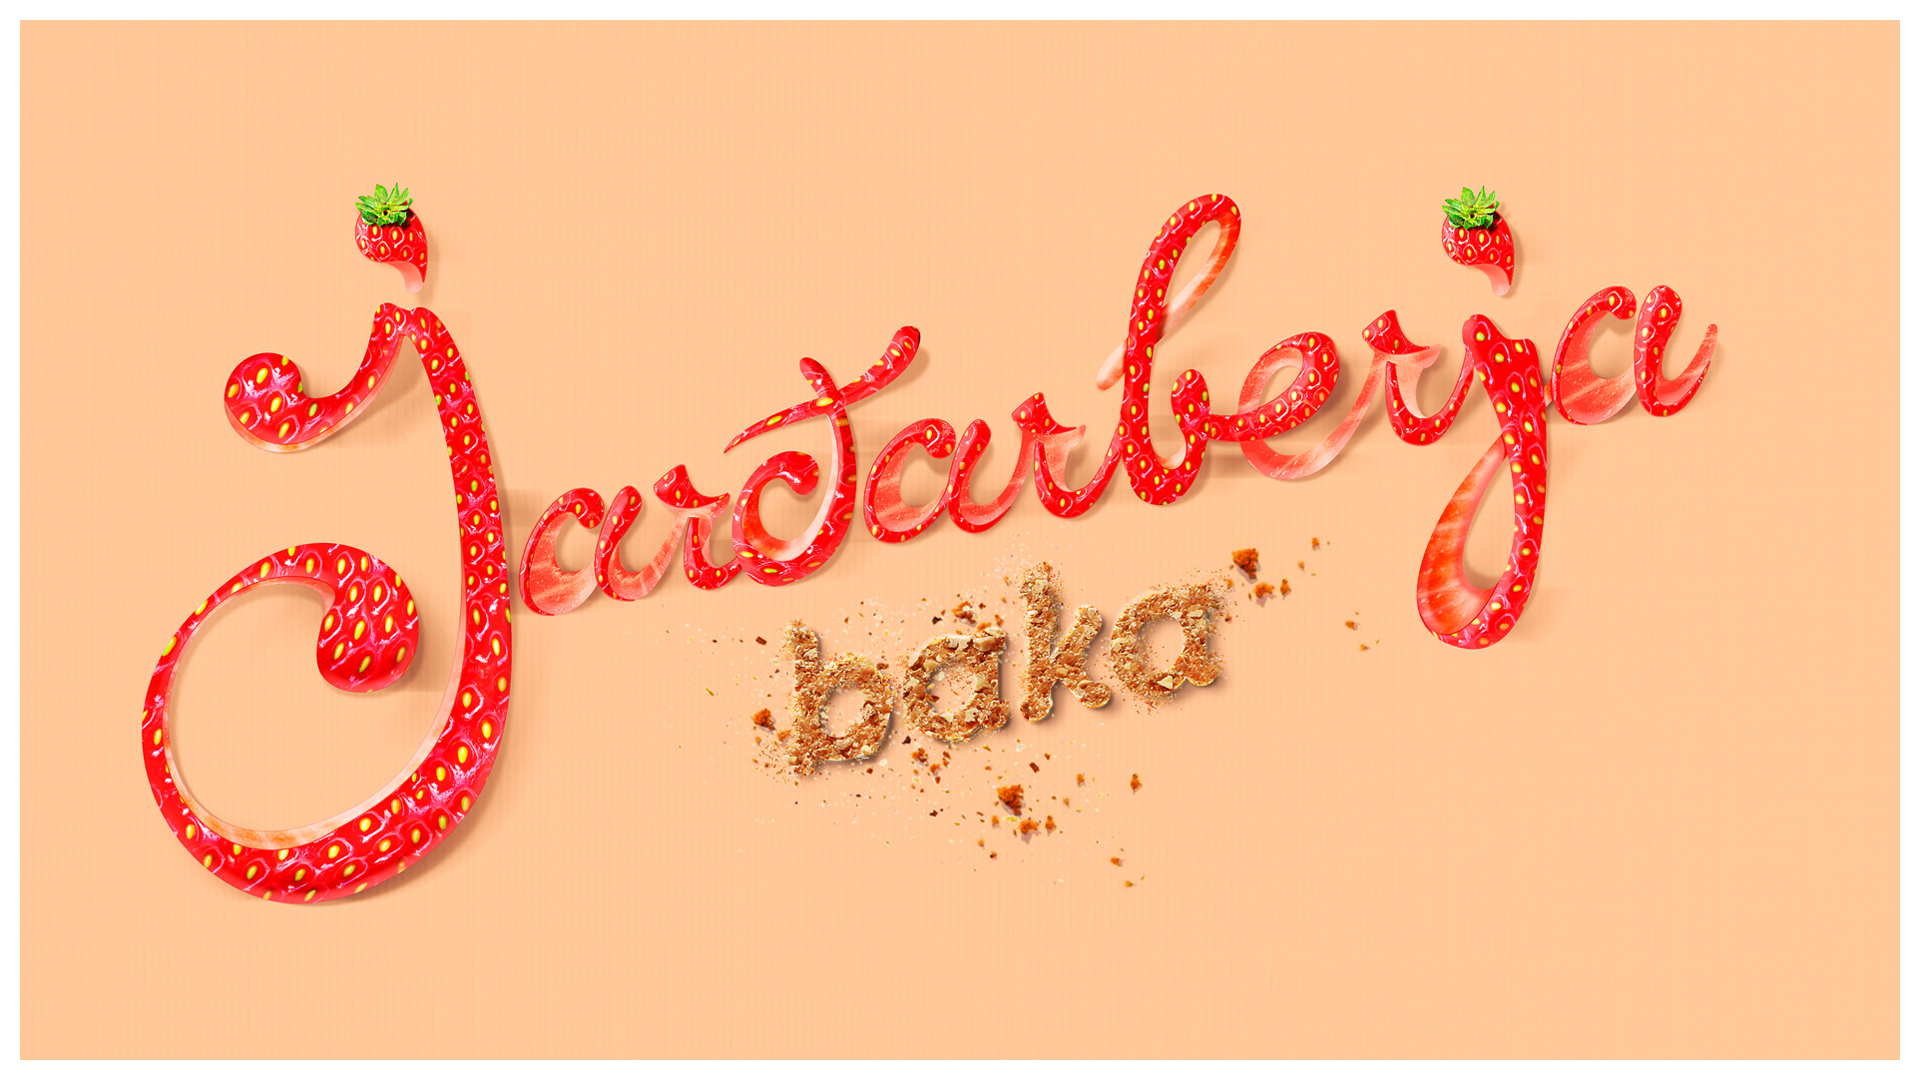 jardarberjabaka_lettering_1920x1080_margin